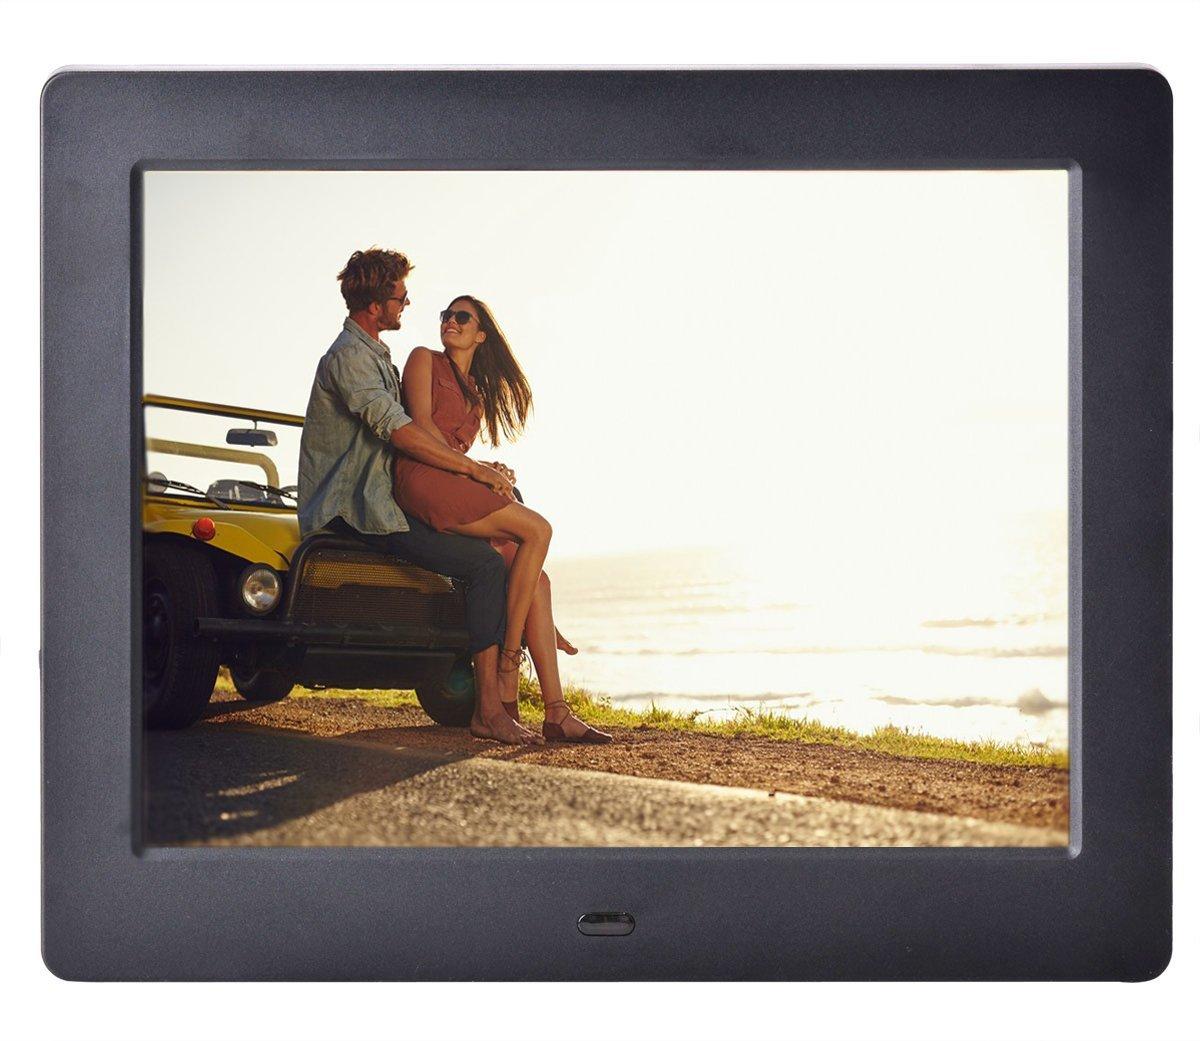 Bangcool 8in Hi-Res Digital Photo Frame LED Digital Picture Frames ...